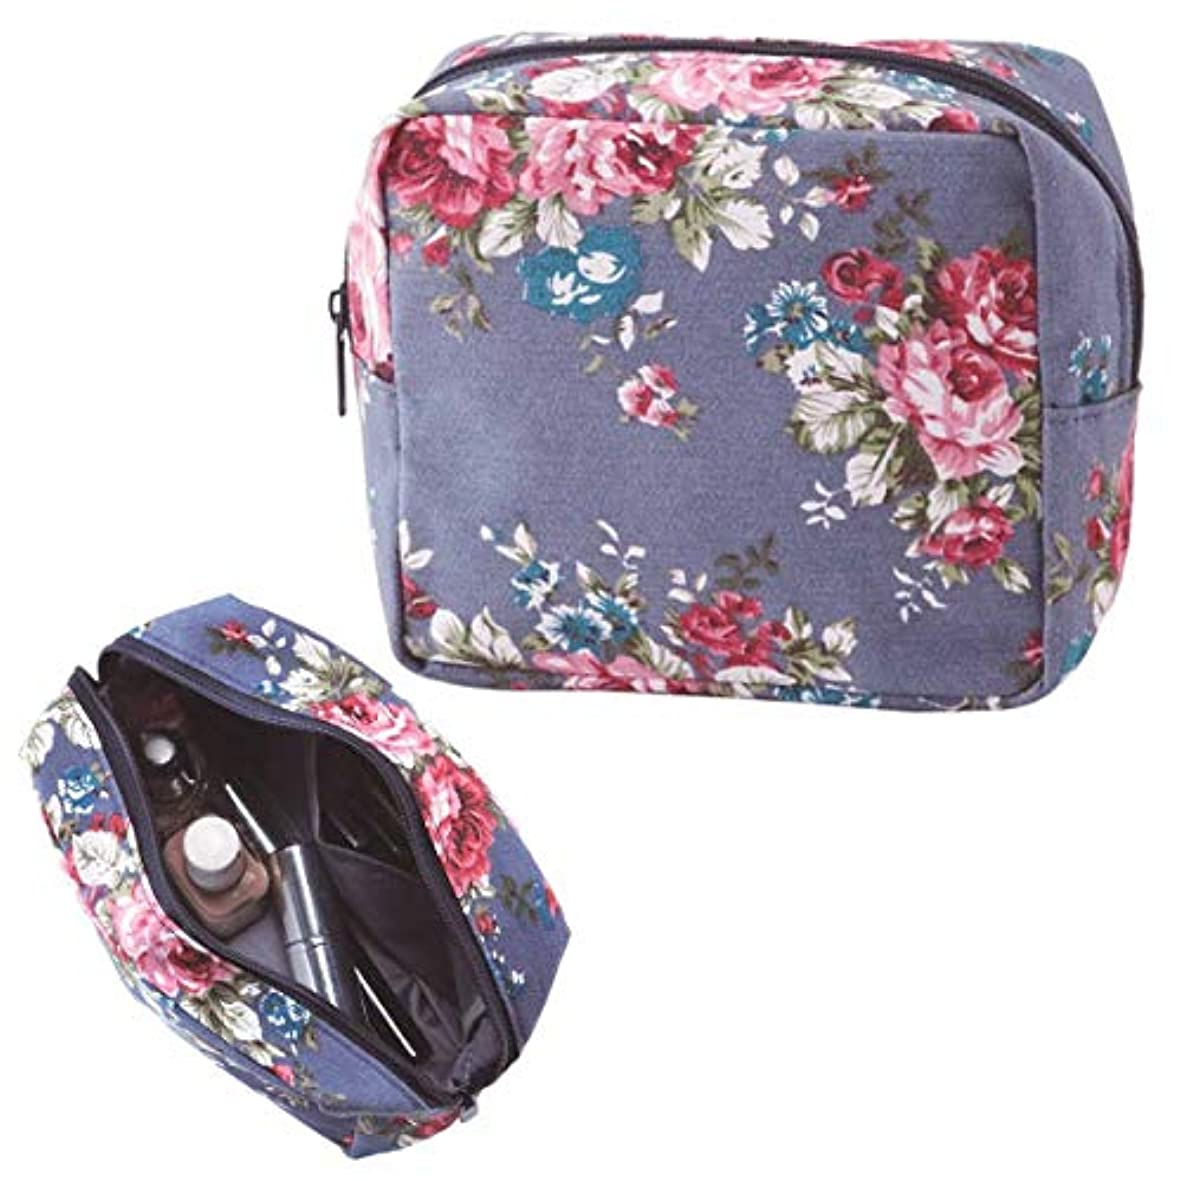 膨らみ講堂蒸し器レトロ感のあるローズ柄 花柄 化粧ポーチ コスメポーチ ボックス型ポーチ 小物入れ